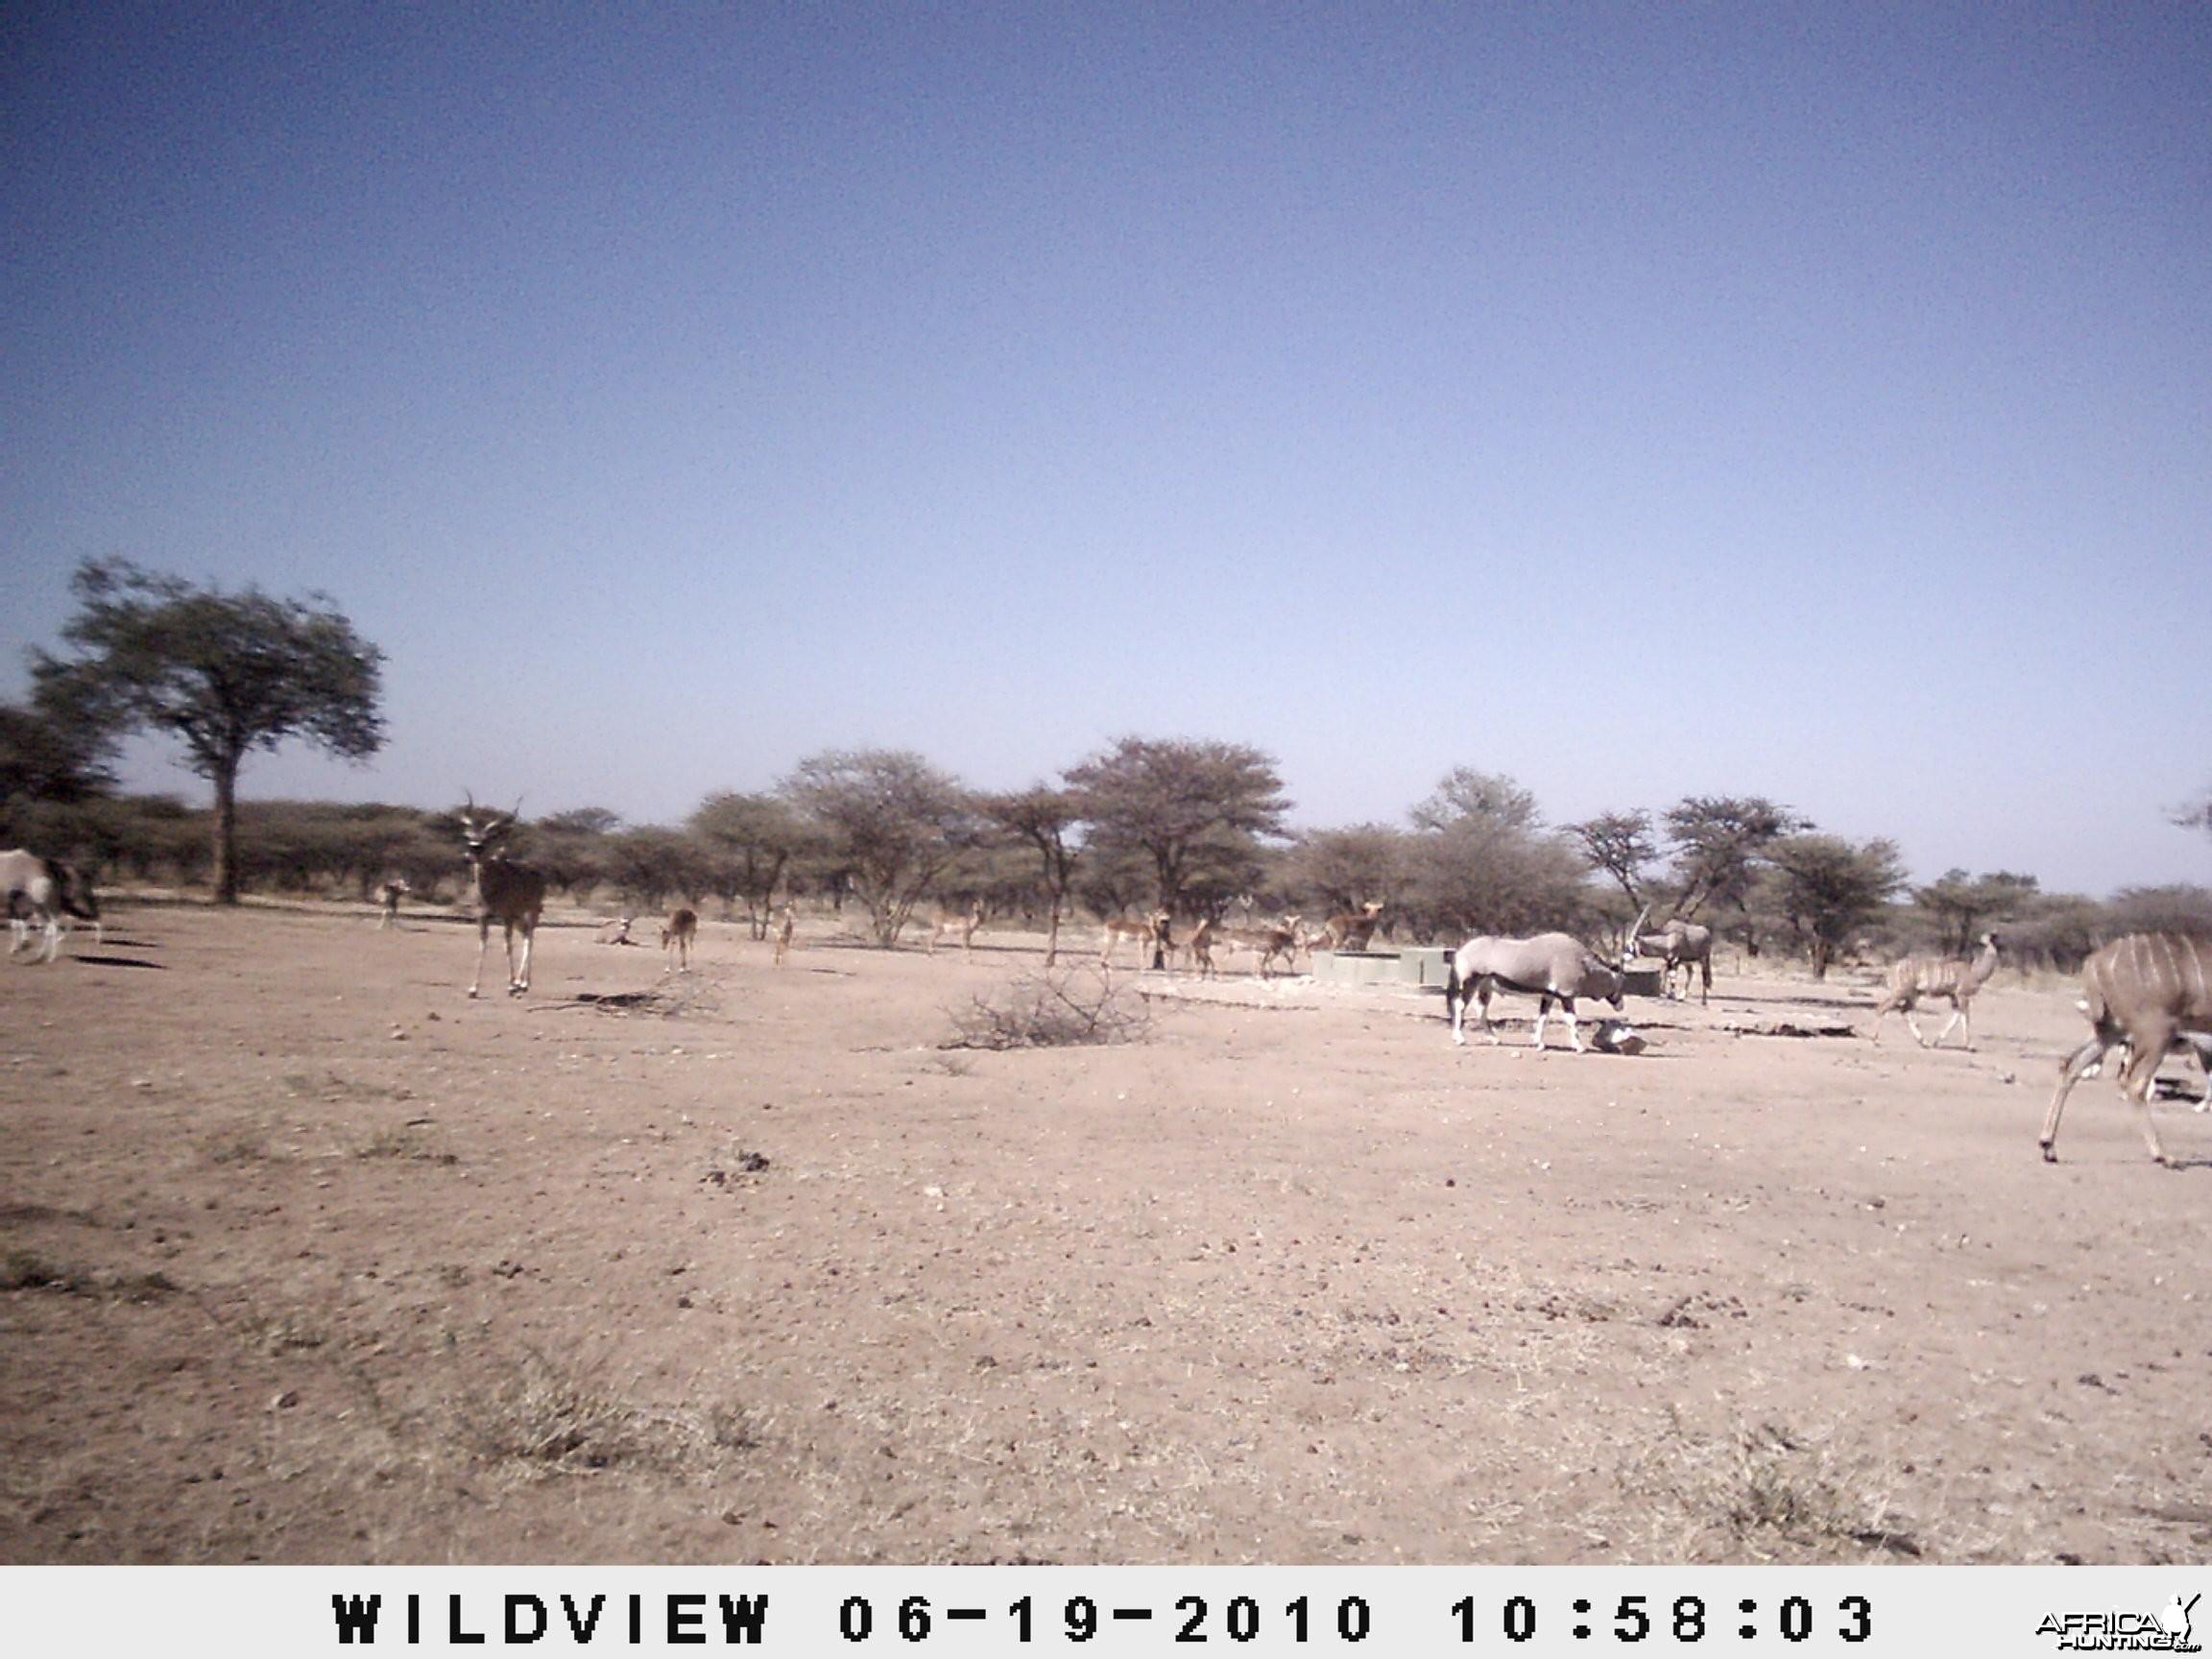 Kudu, Impala and Gemsbok, Namibia